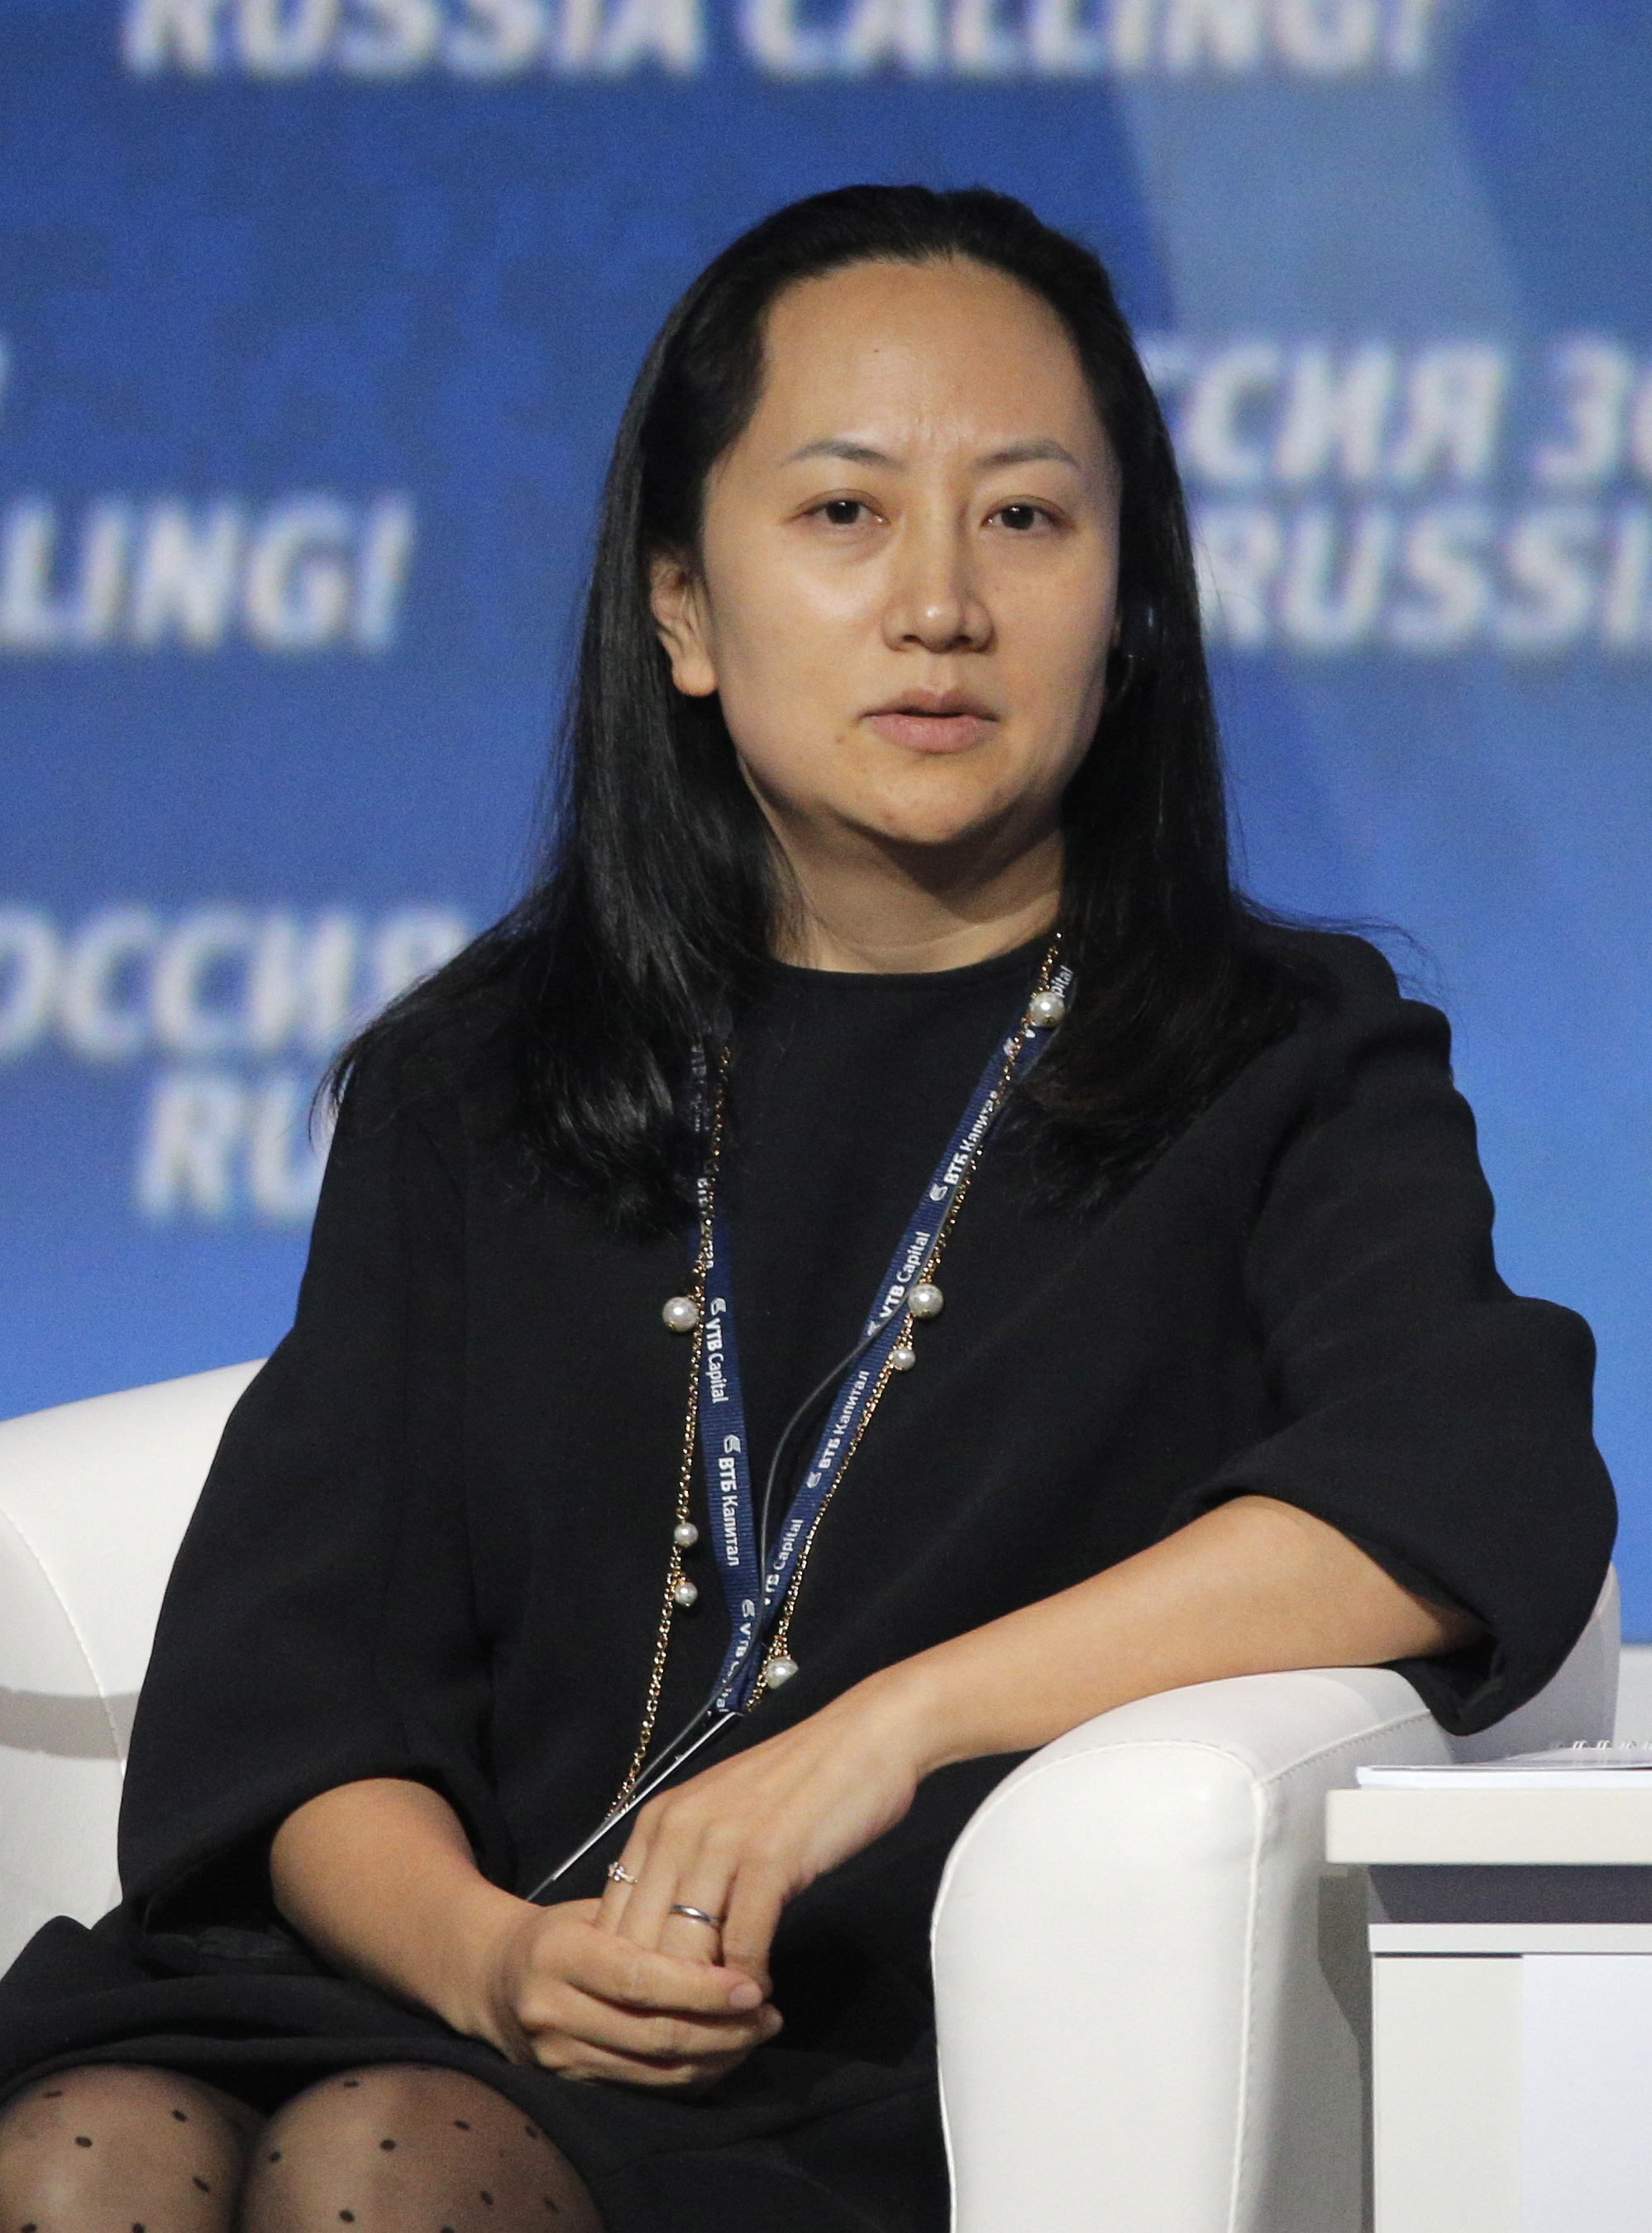 Kinezi od SAD-a traže povlačenje uhidbenog naloga protiv Meng Wanzhou